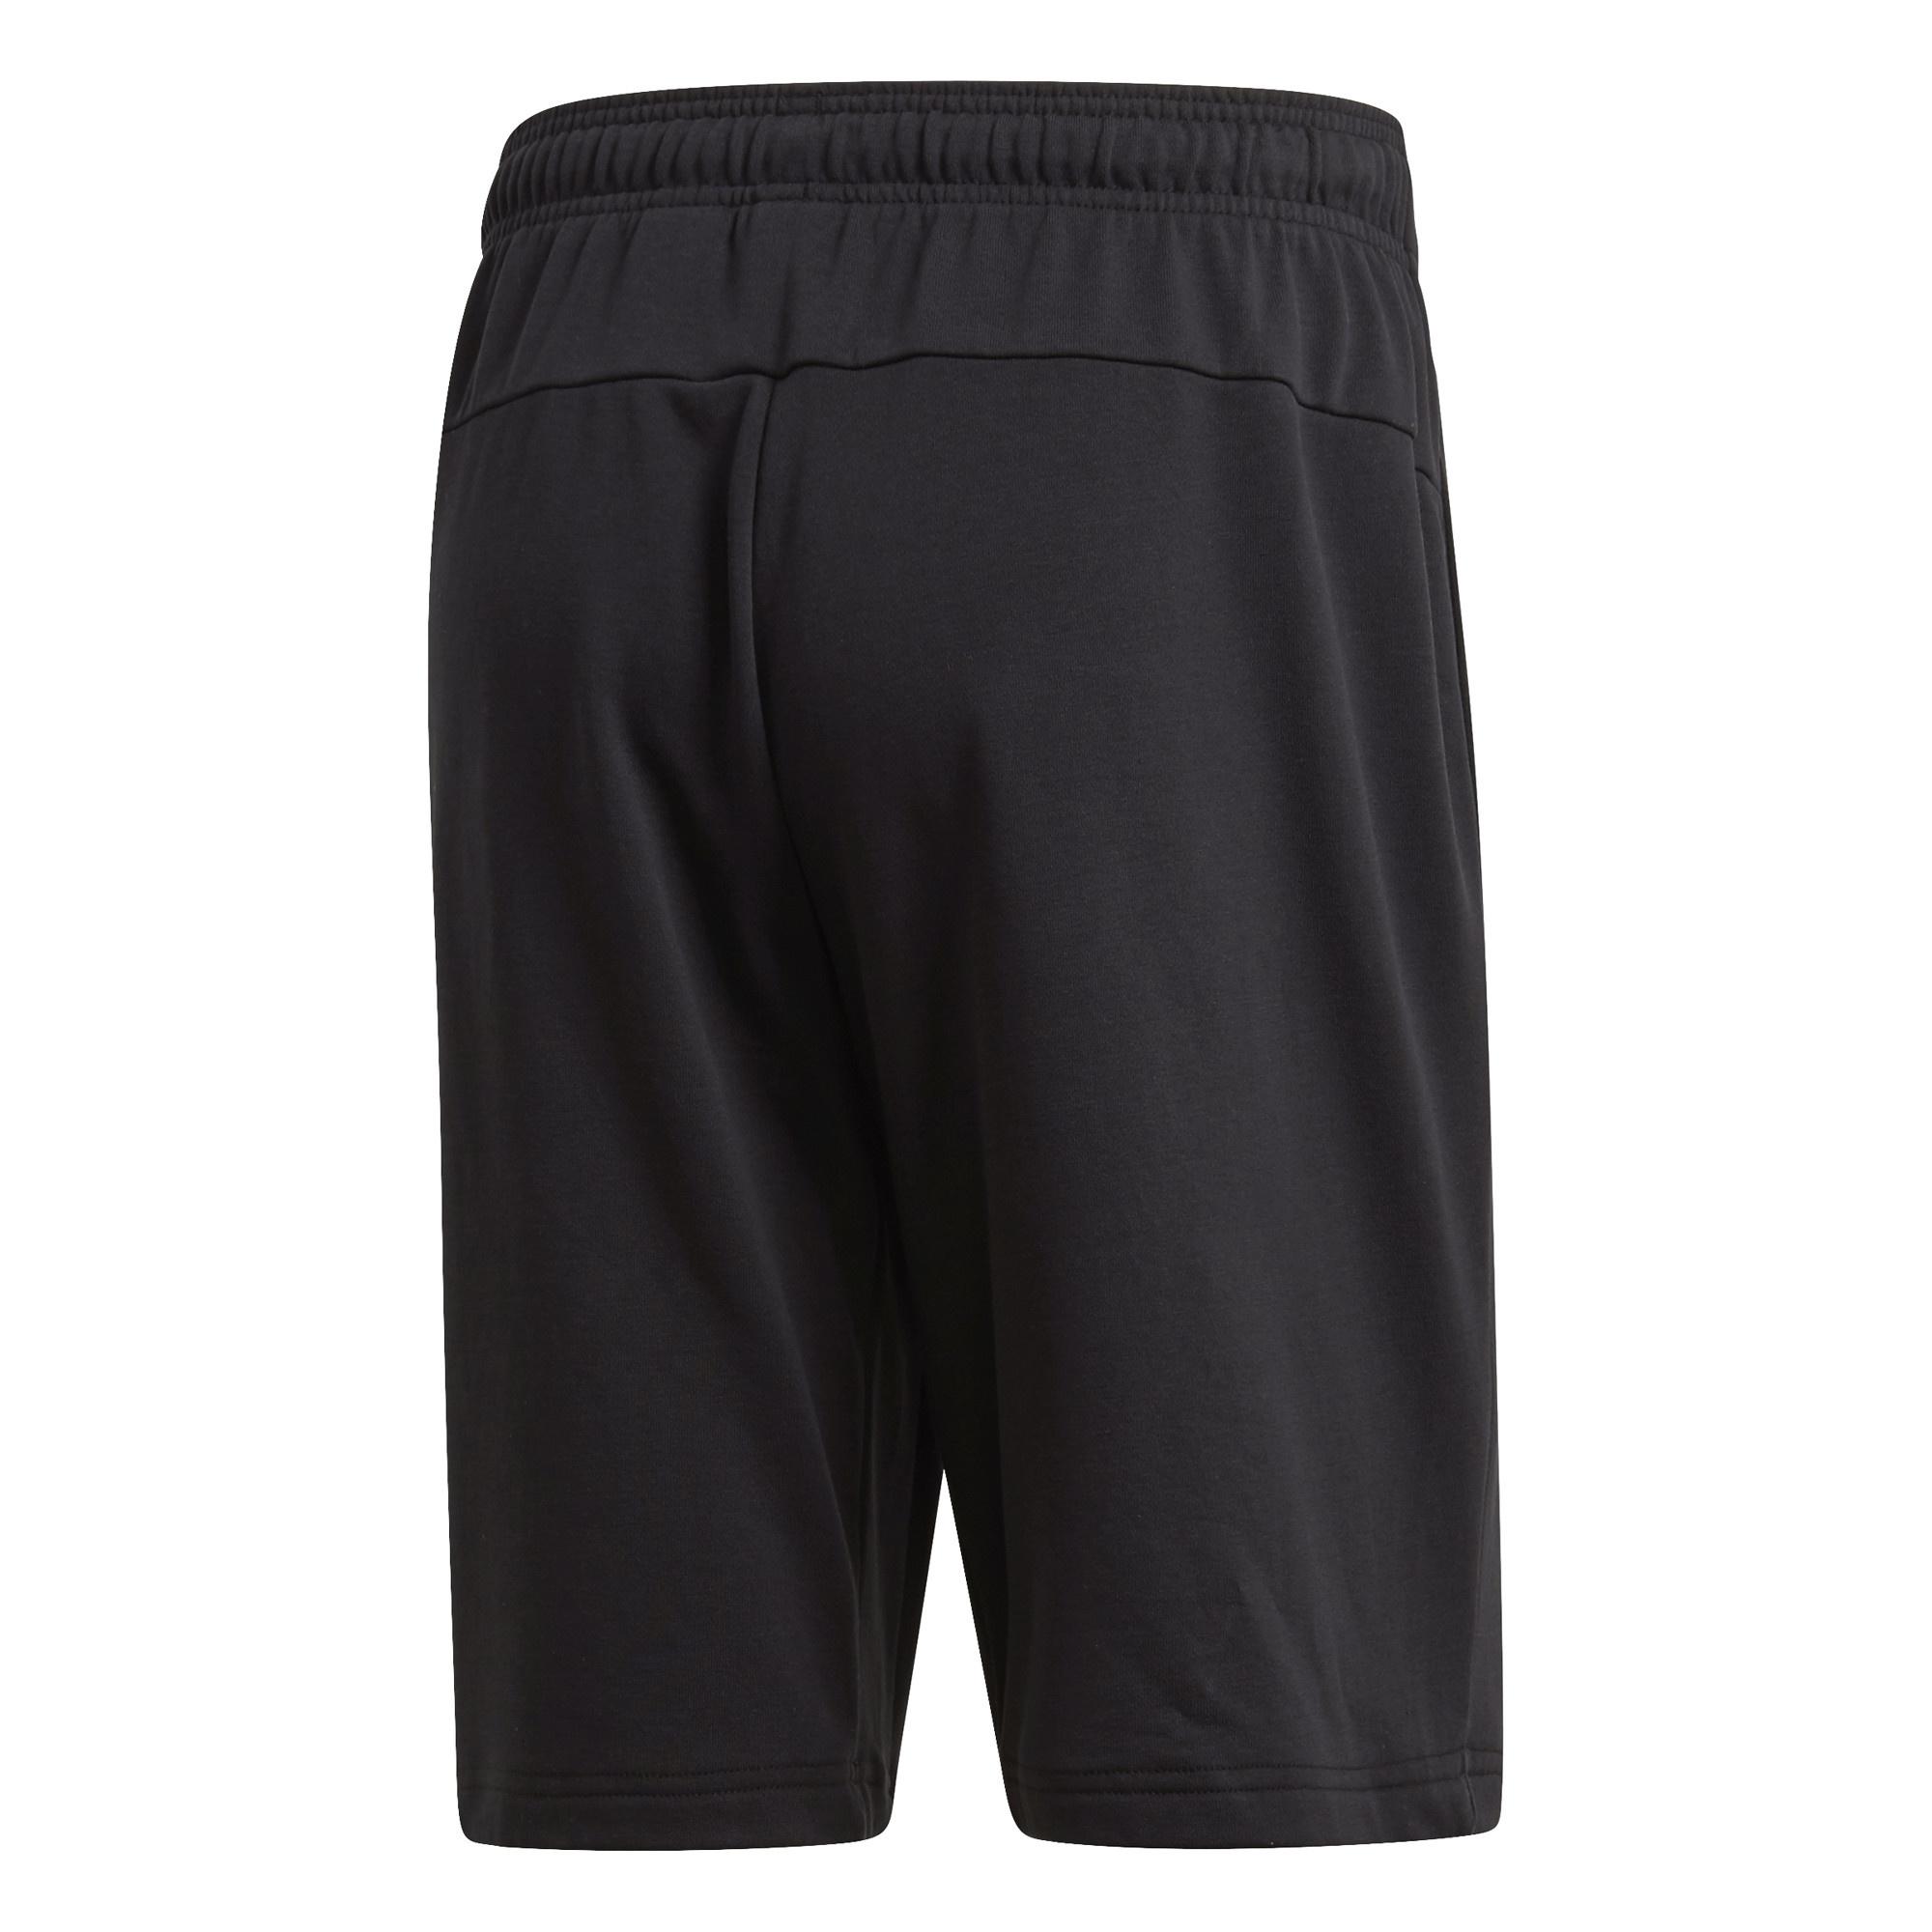 Adidas ADIDAS Essential Plain French Short